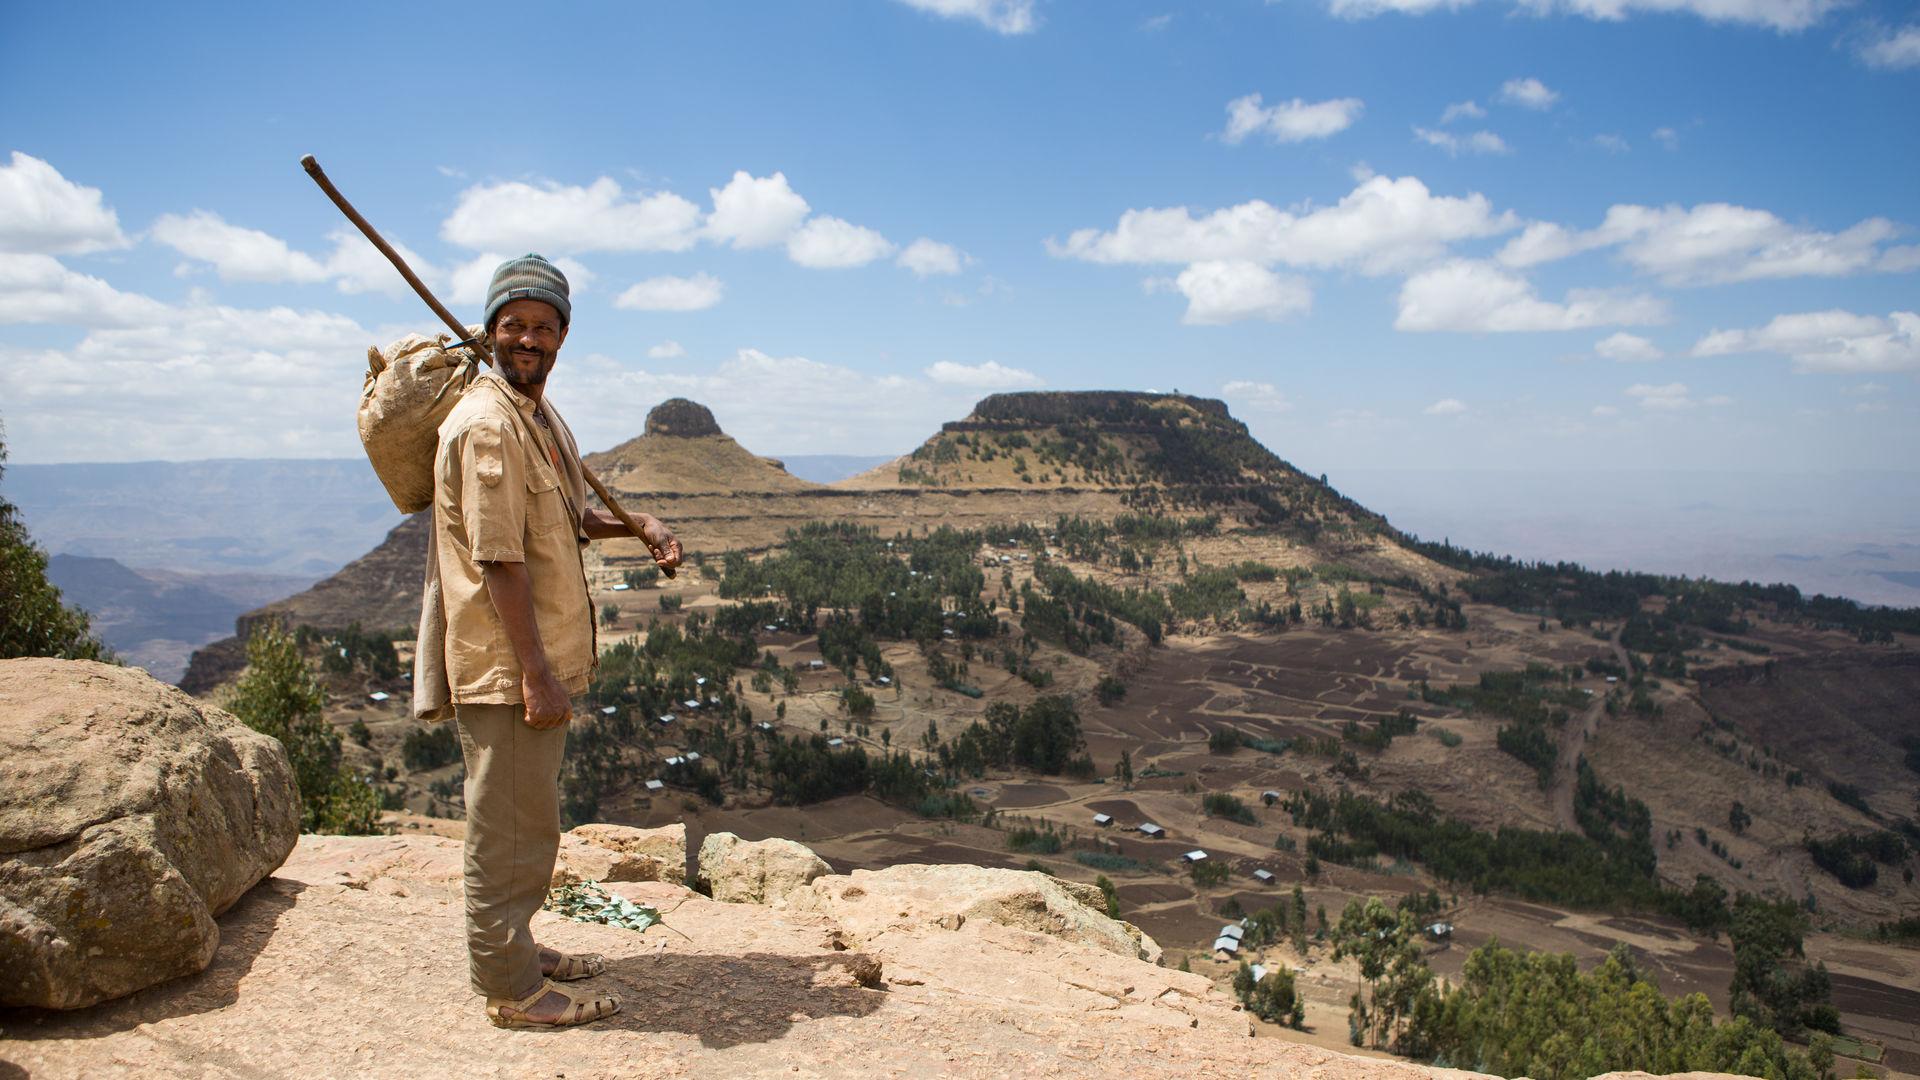 Privéreis Ethiopie Avontuurlijk historie - 19 dagen|Matoke Tours